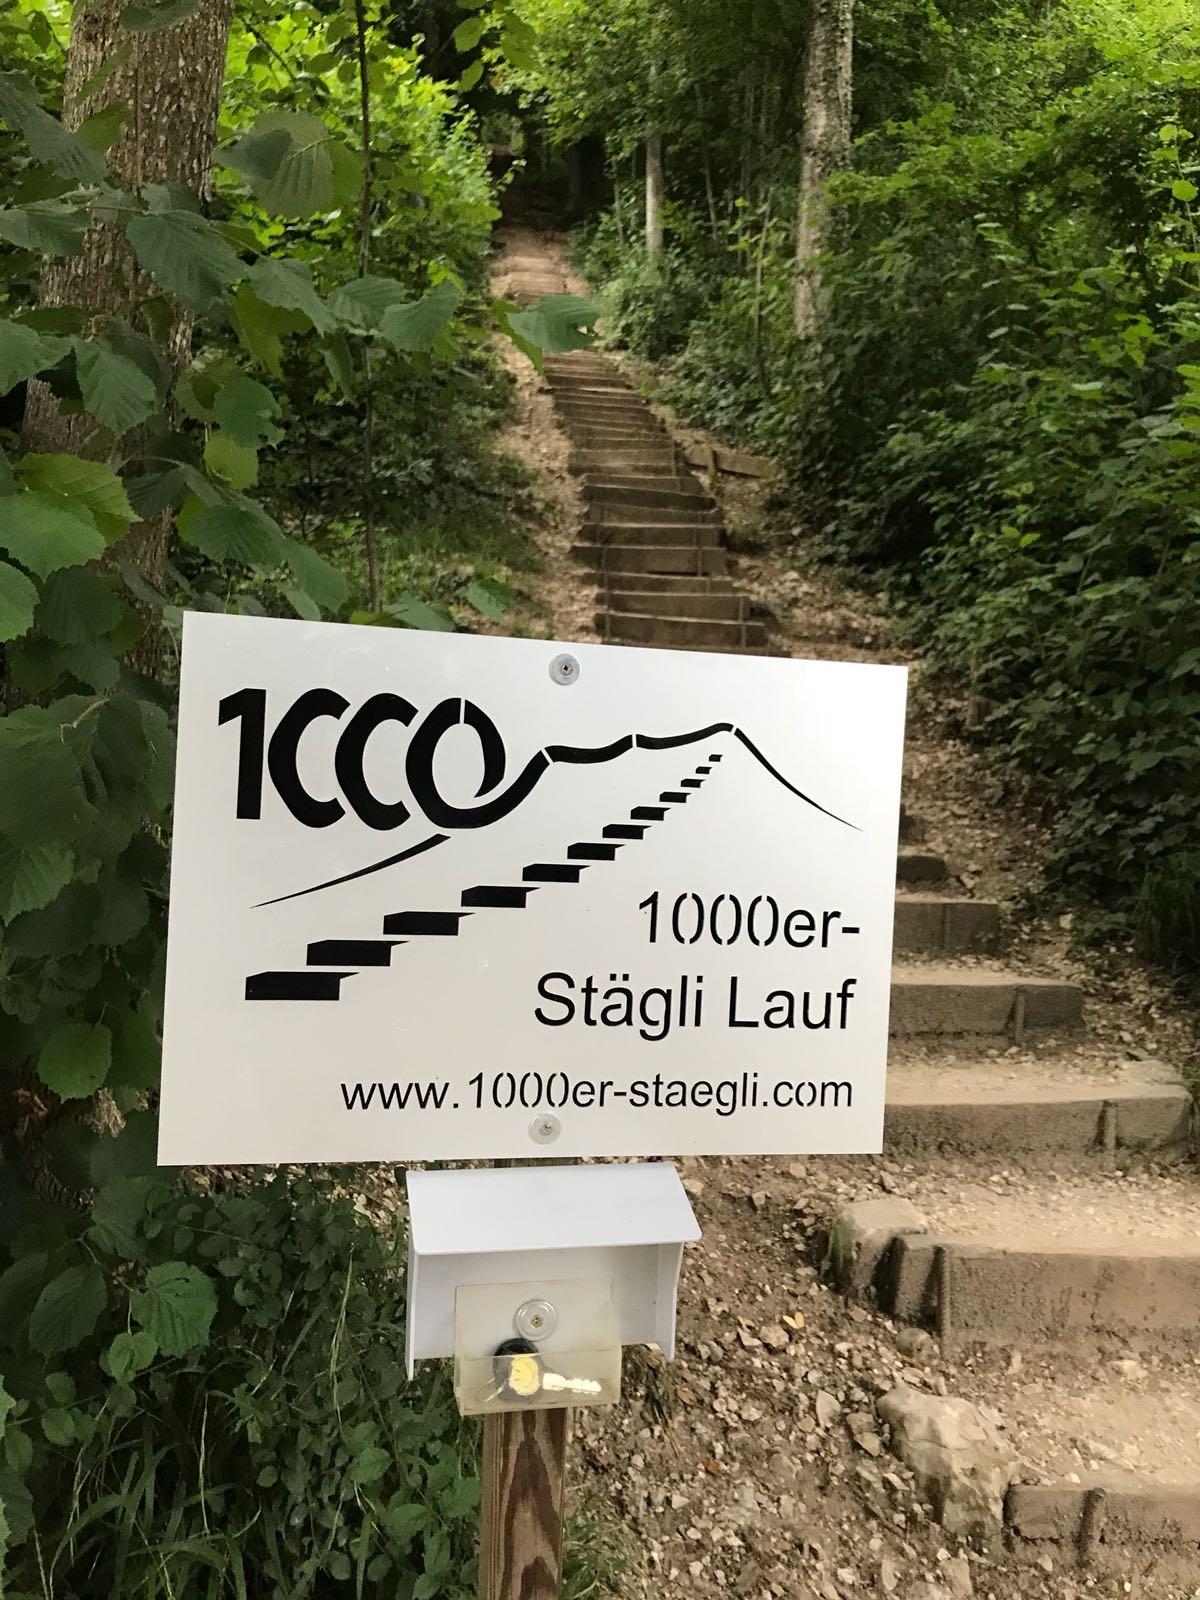 1000er_stägeli_fcr2